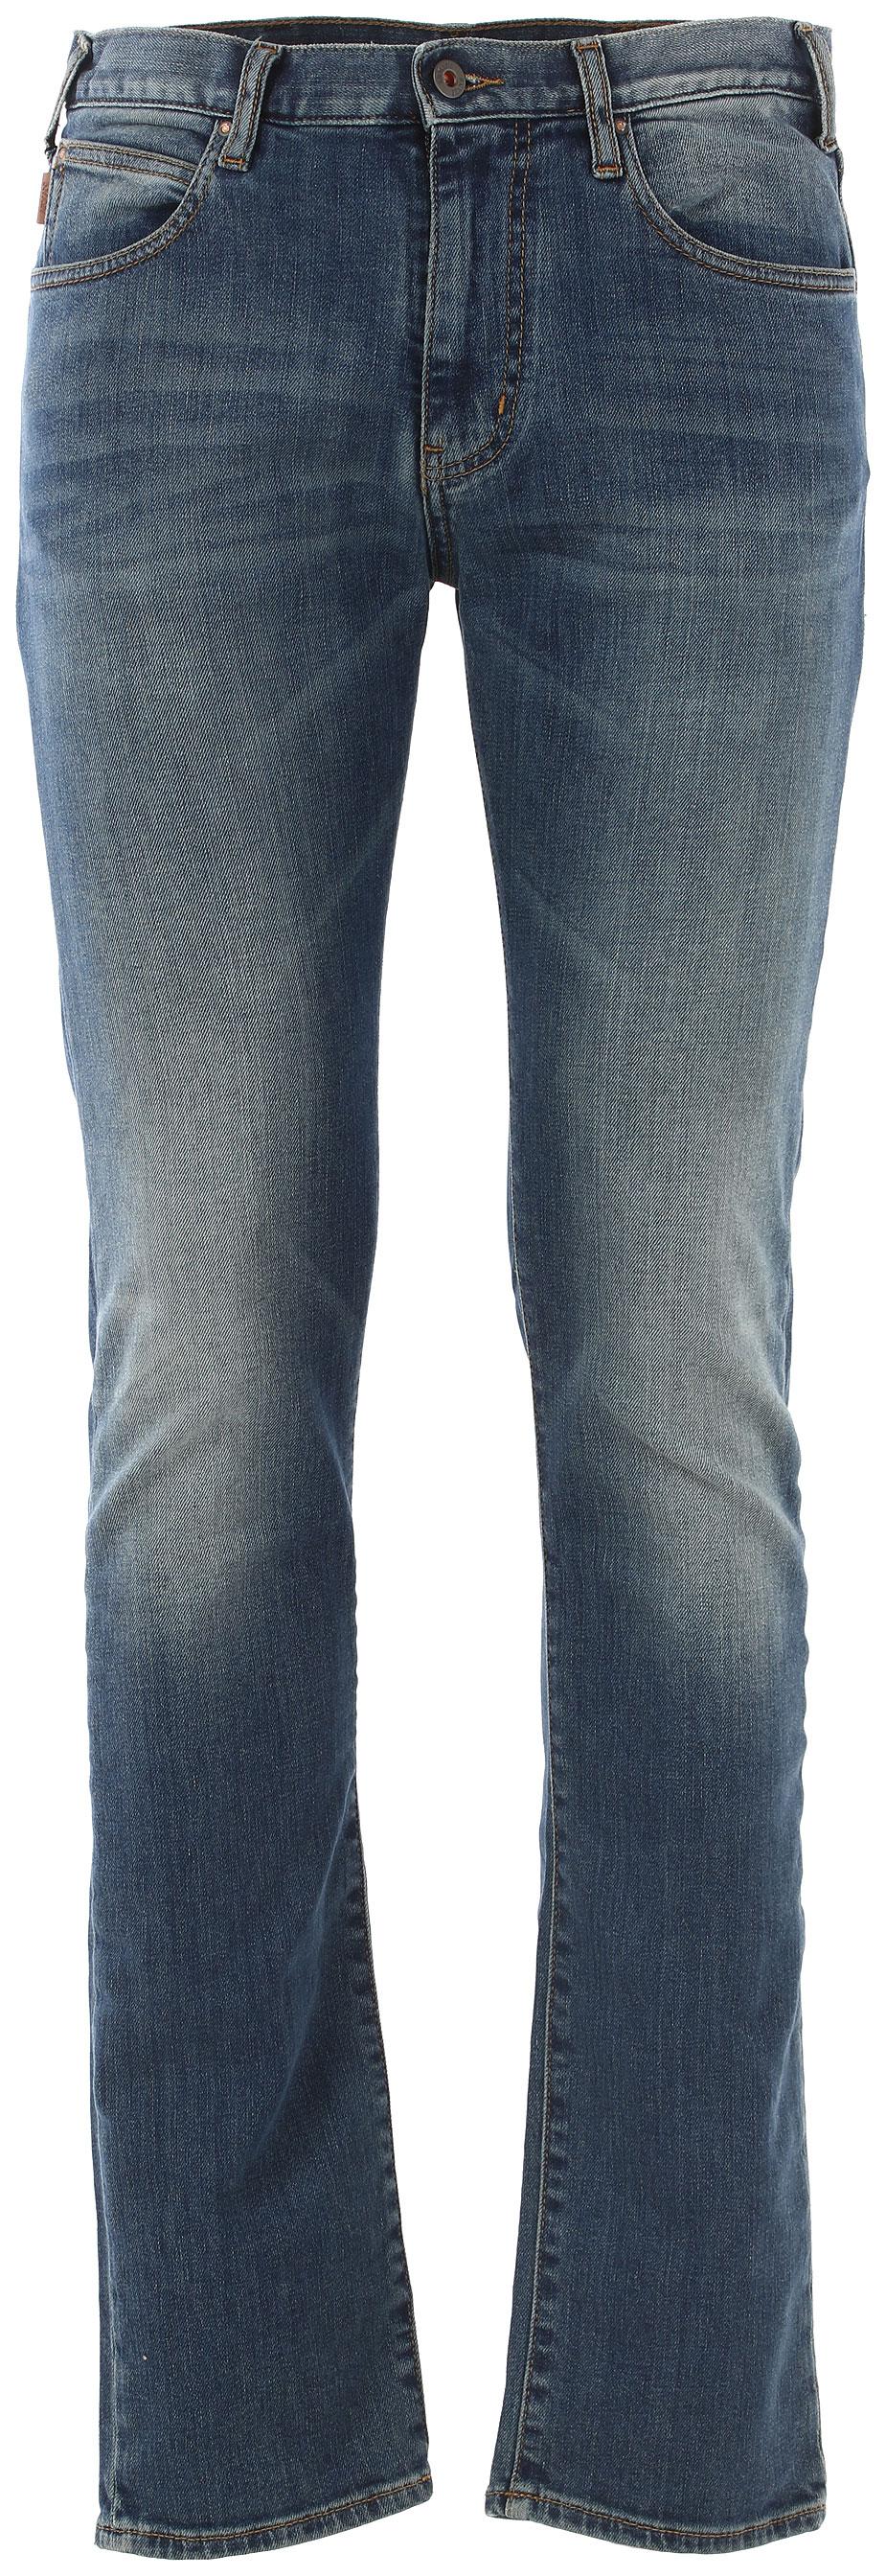 Abbigliamento Uomo Emporio Armani, Codice Articolo: 6y6j45-6d04z-0551